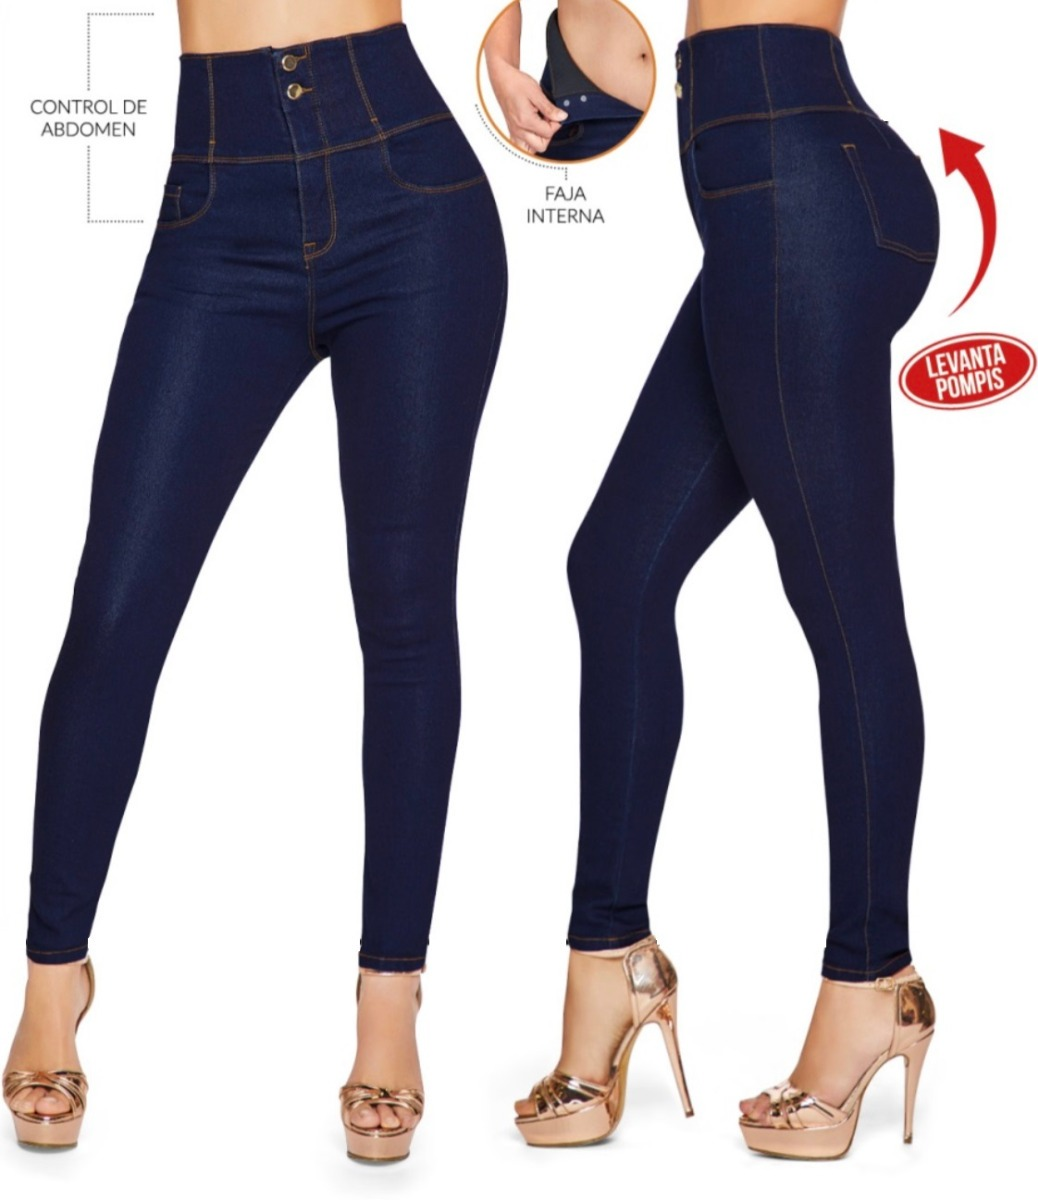 7c2df2edc Pantalon Azul Mezclilla Cintura Alta Cklass 349-52 -   780.00 en ...